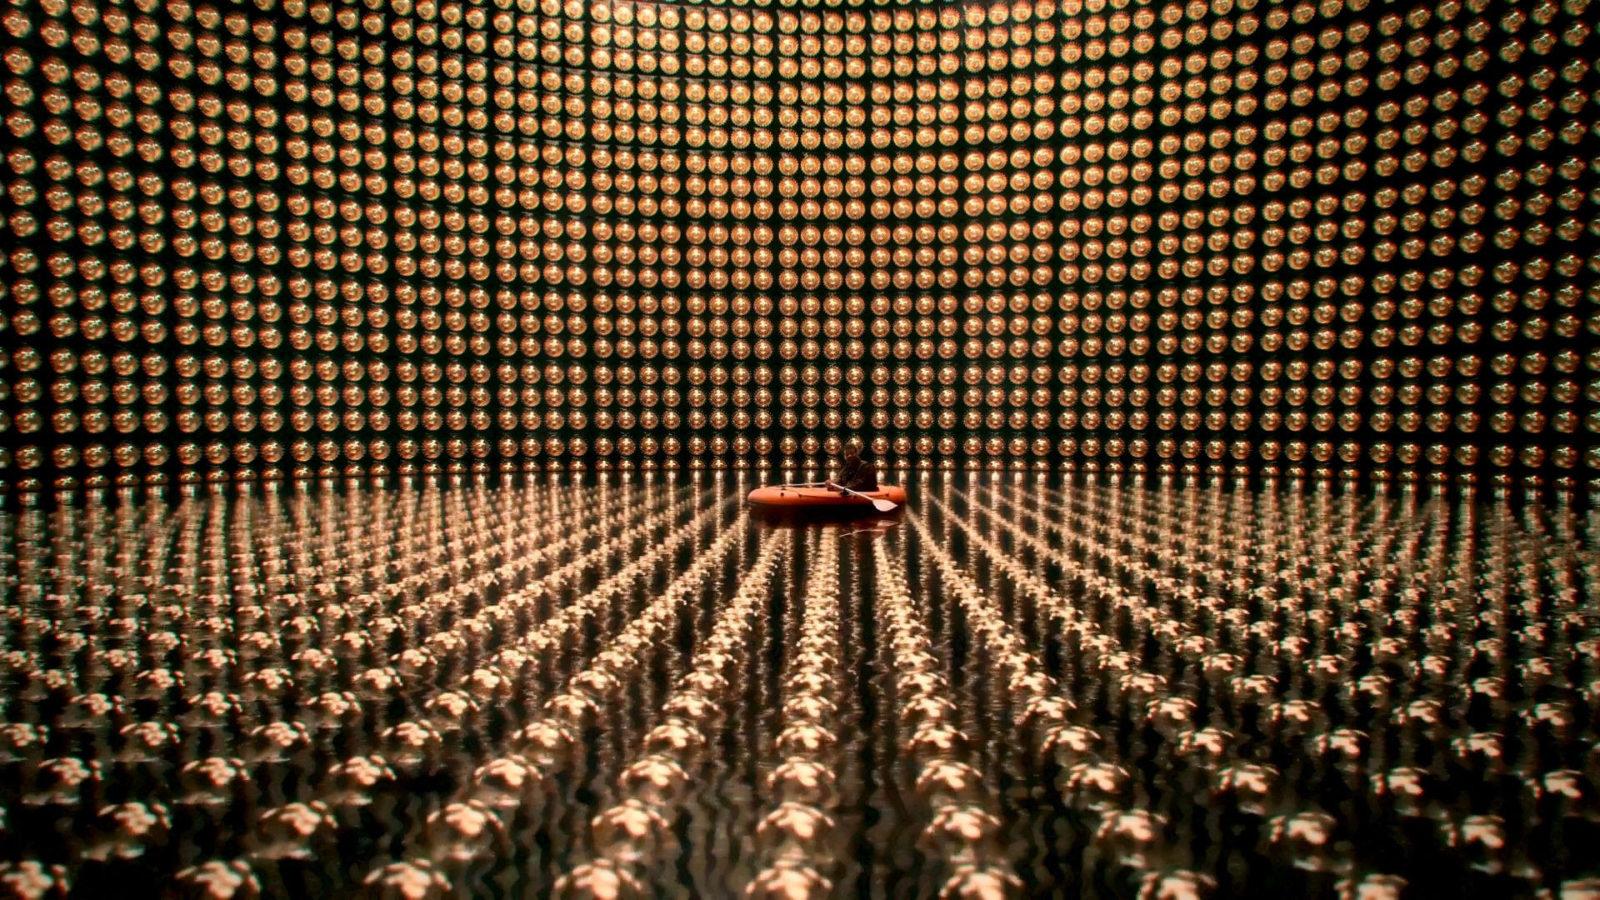 Super-Kamiokande w Japonii. Wielki detektor, ktory bardzo ciezko odiwedziec. Zbiornik wodny jakby wypełniony świecącymi się cząsteczkami. Widać gościa, któy pływa tam na pontonie.